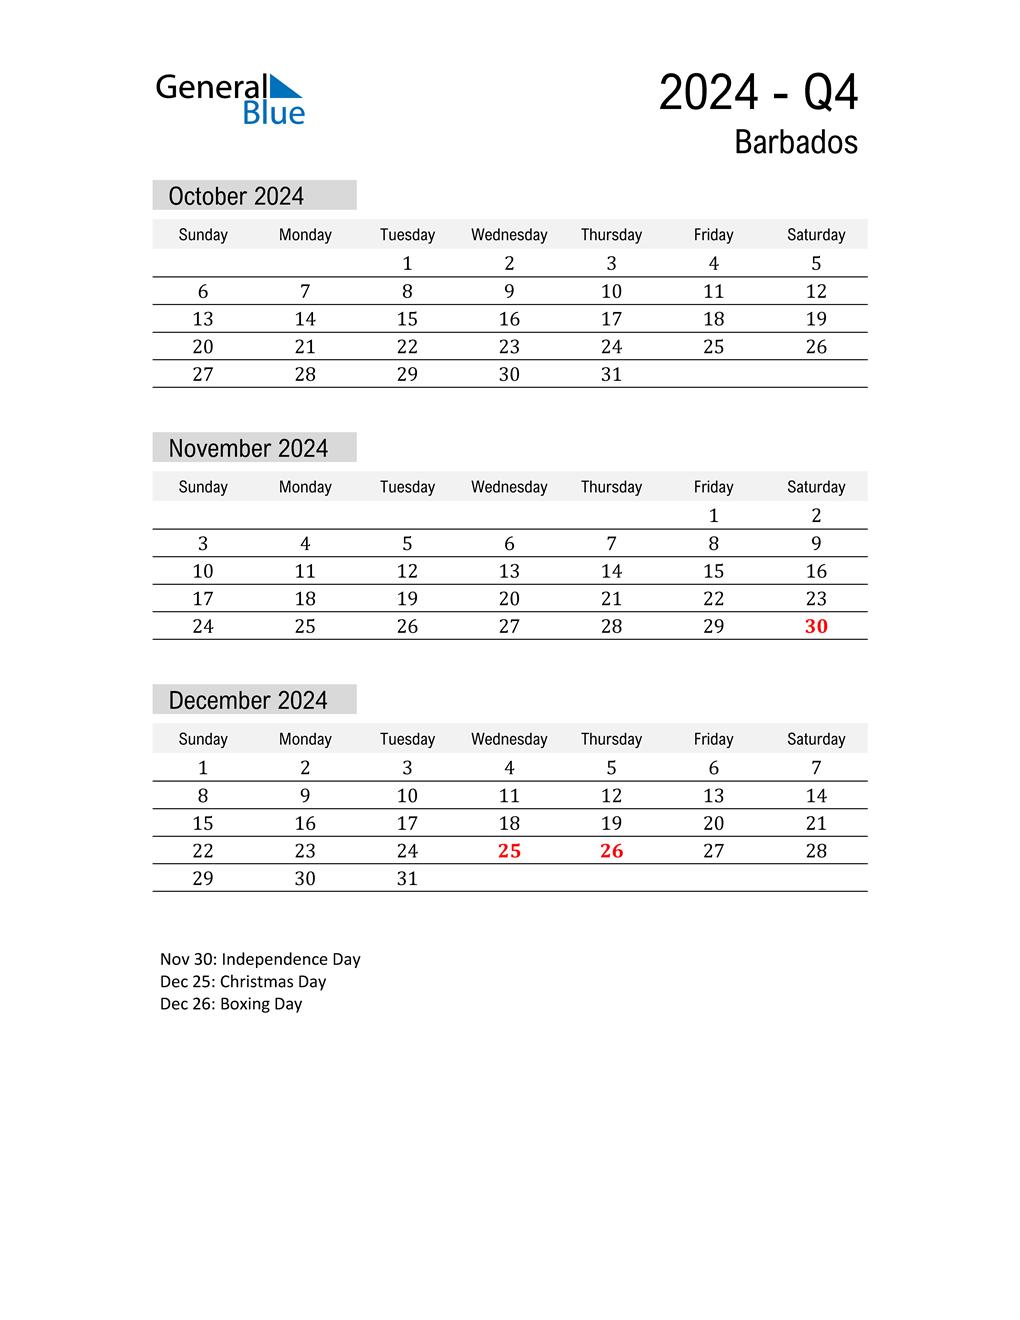 Barbados Quarter 4 2024 Calendar